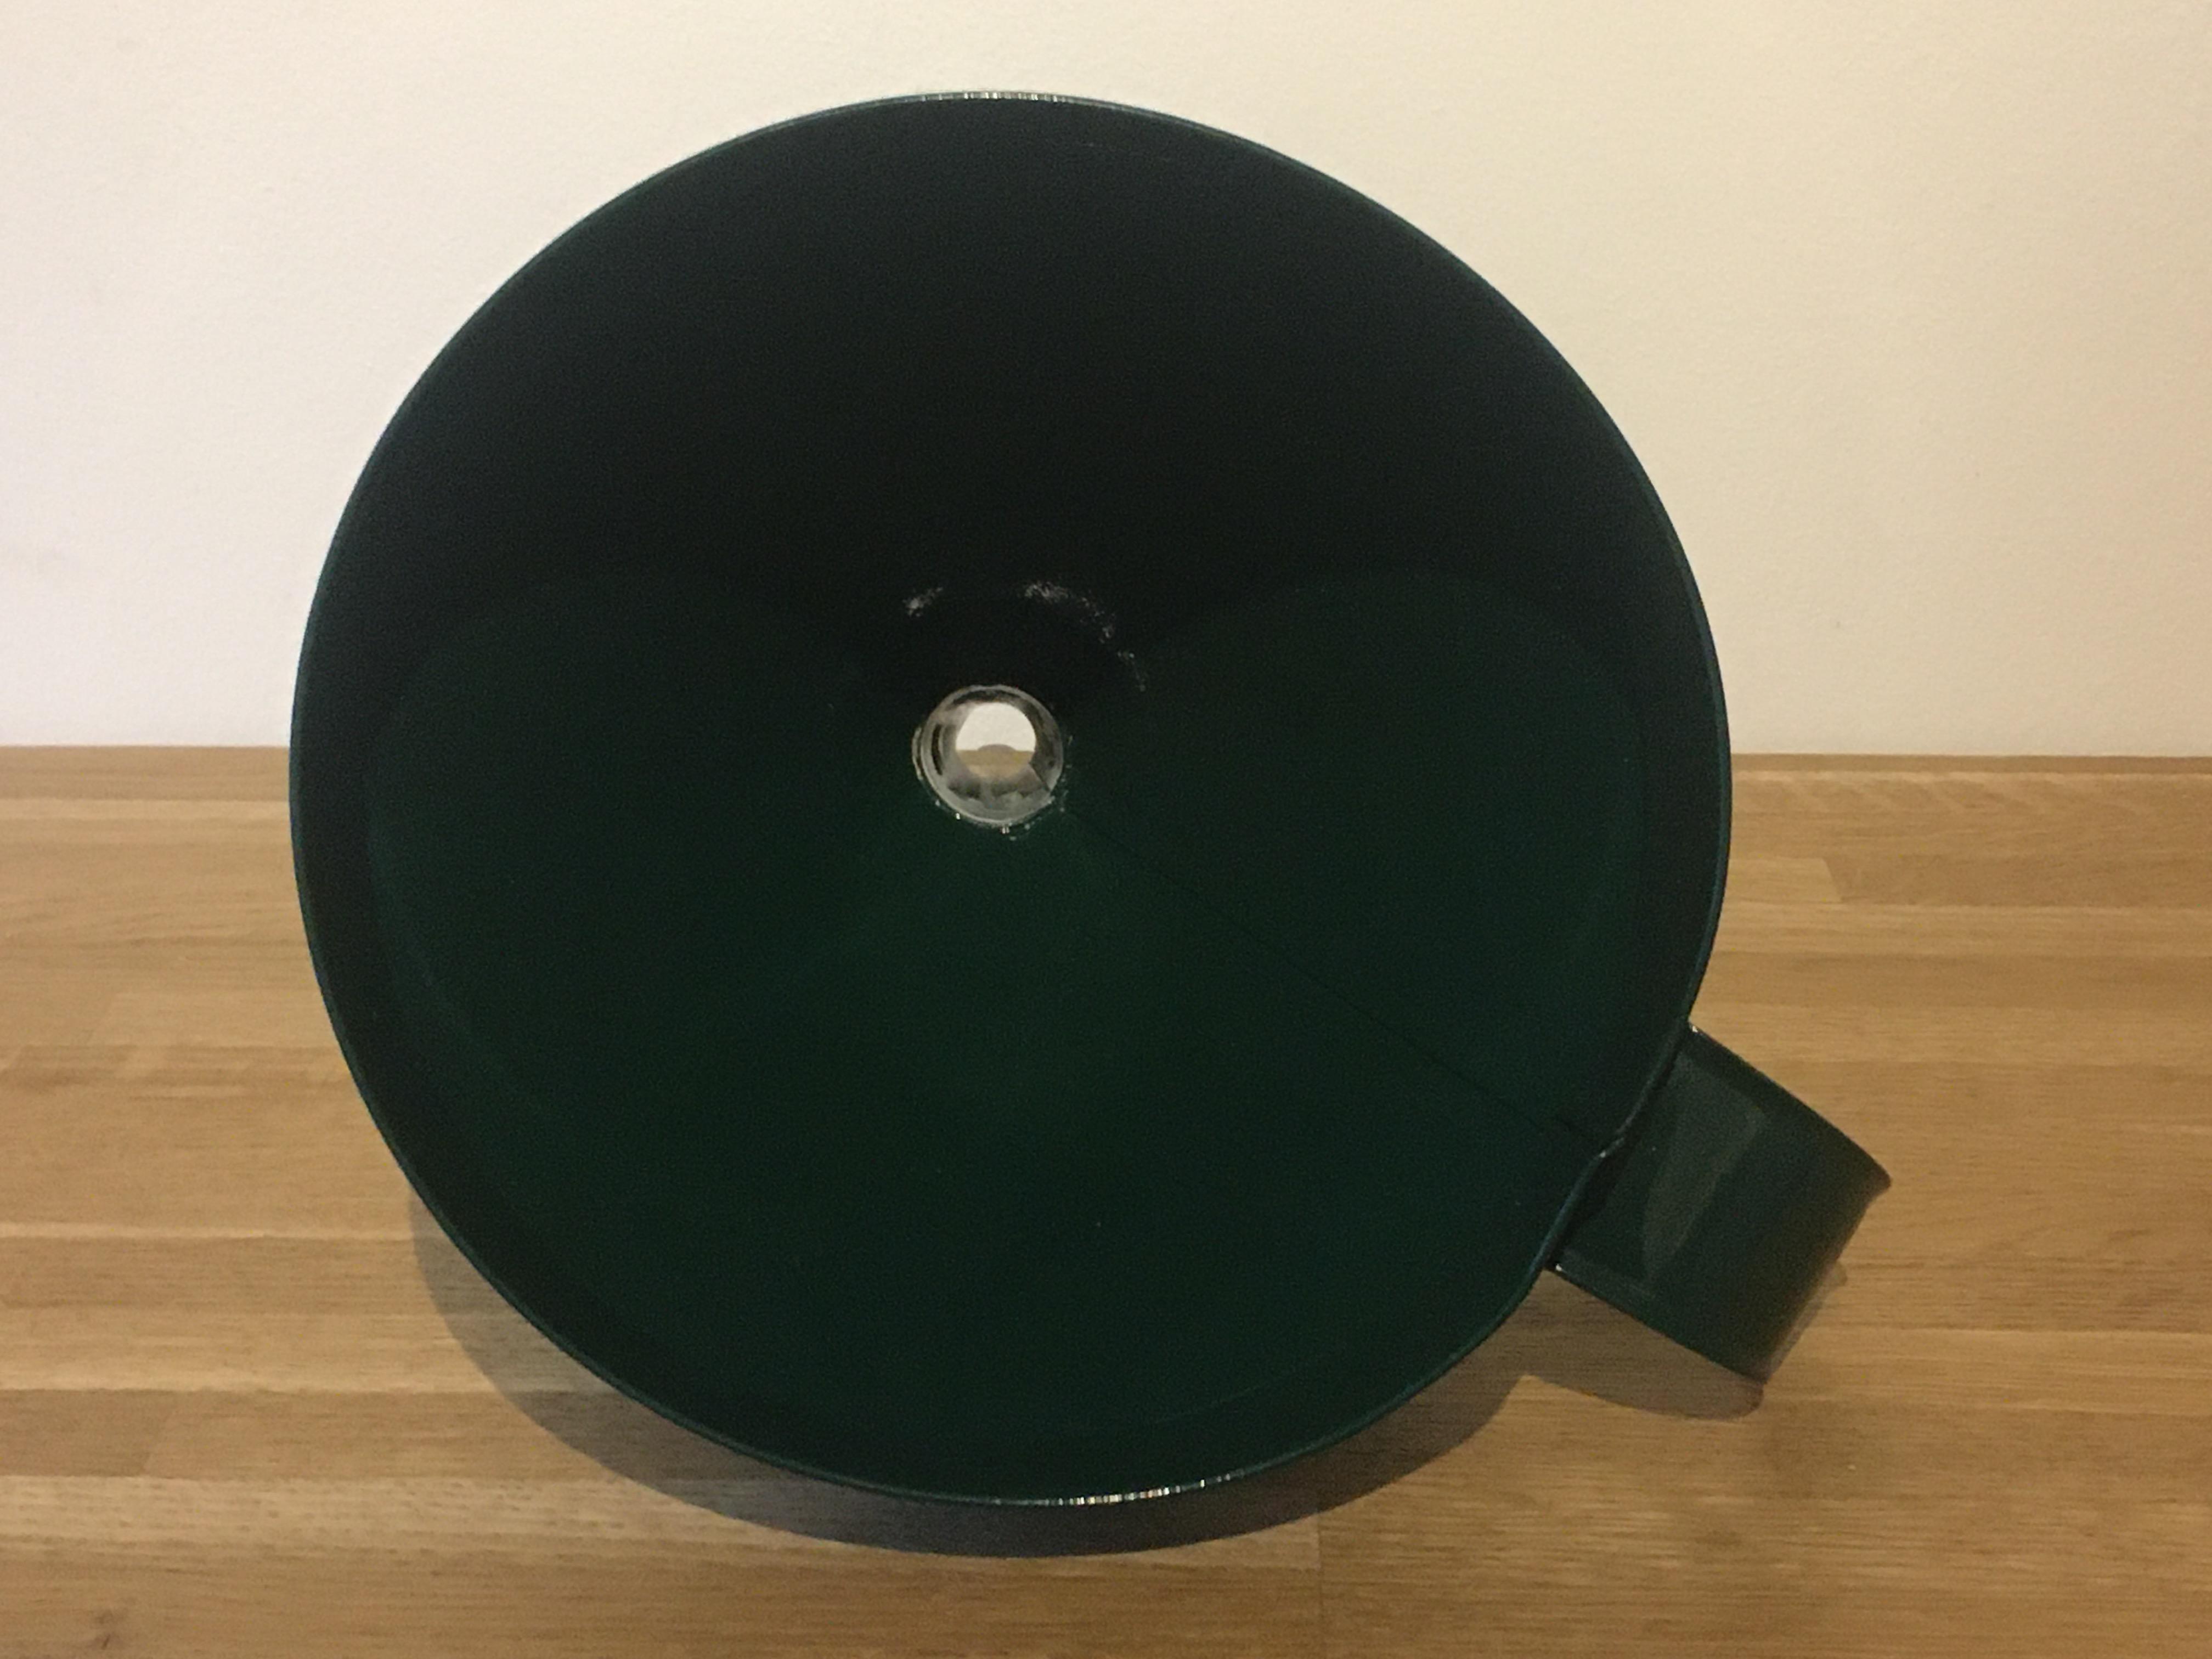 Large Castrol Oil Funnel - Image 3 of 4